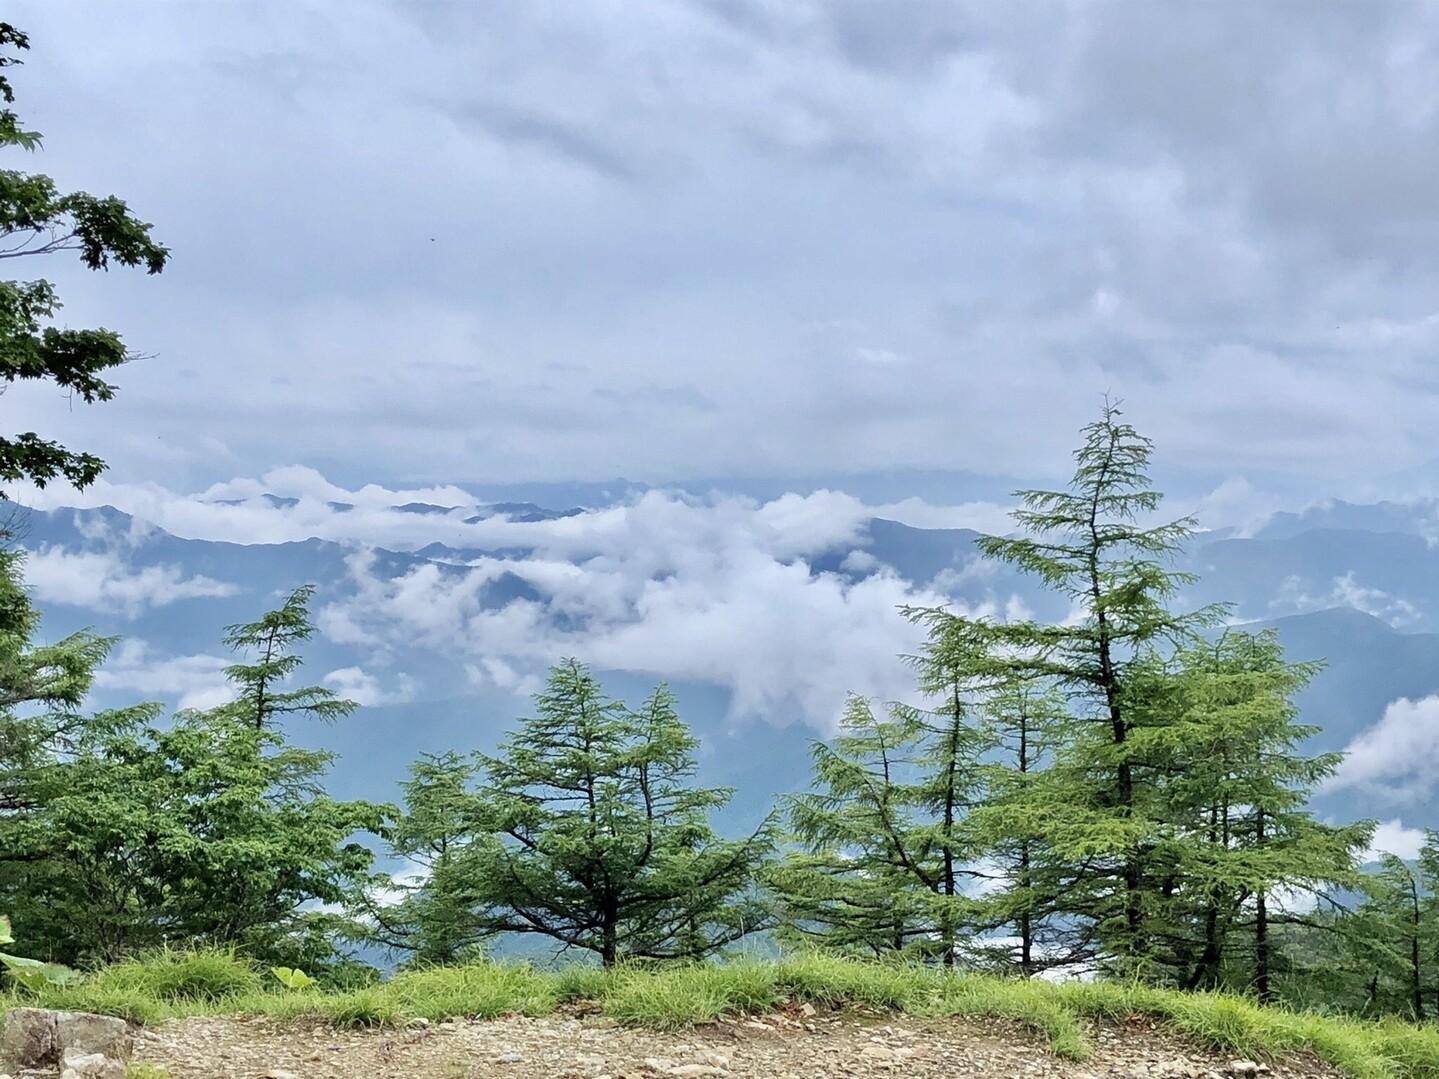 雨は降らずとも、ガスガスで景色なんかないだろうと思っていた矢先、<br> 少し腫れて美しい雲海が目の前に広がる。。<br> <br> これを雲海というんかい。<br> <br> あぁ!山神様ありがとう⛰